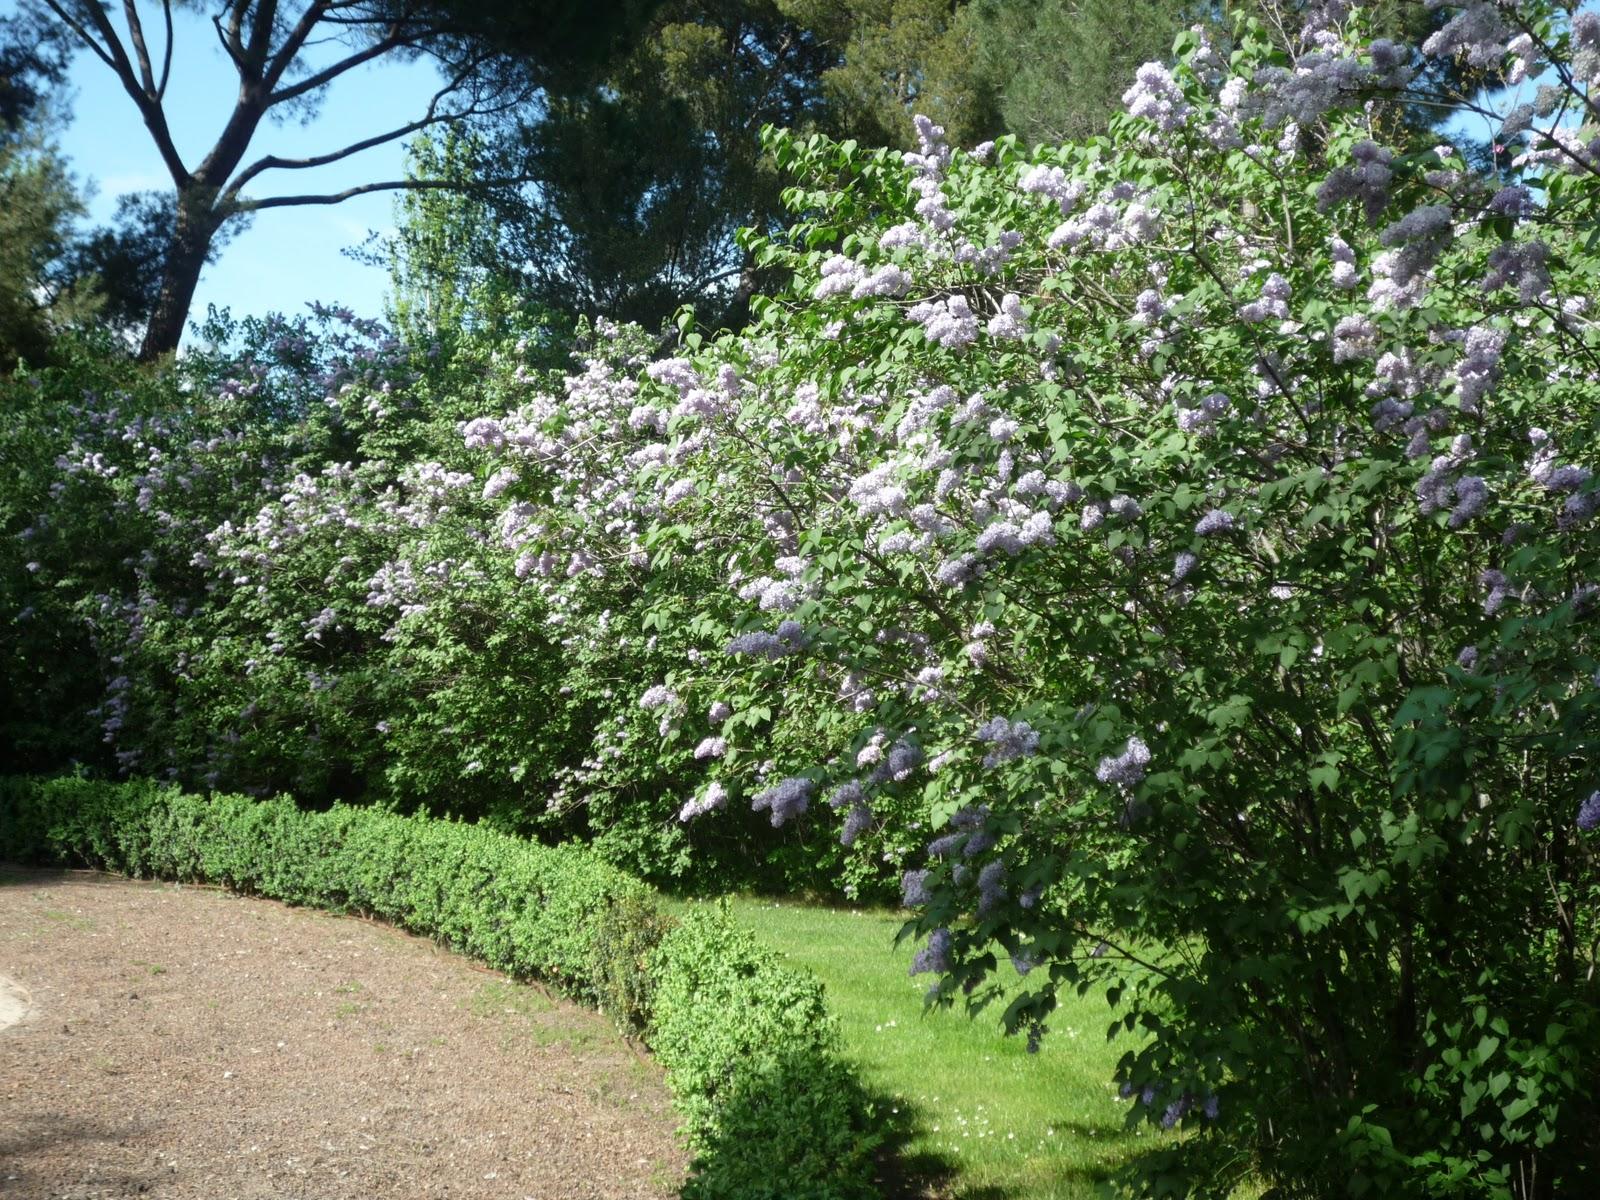 Arbustos de jardin con flores lilas textura patr n fondo - Arbustos de jardin ...